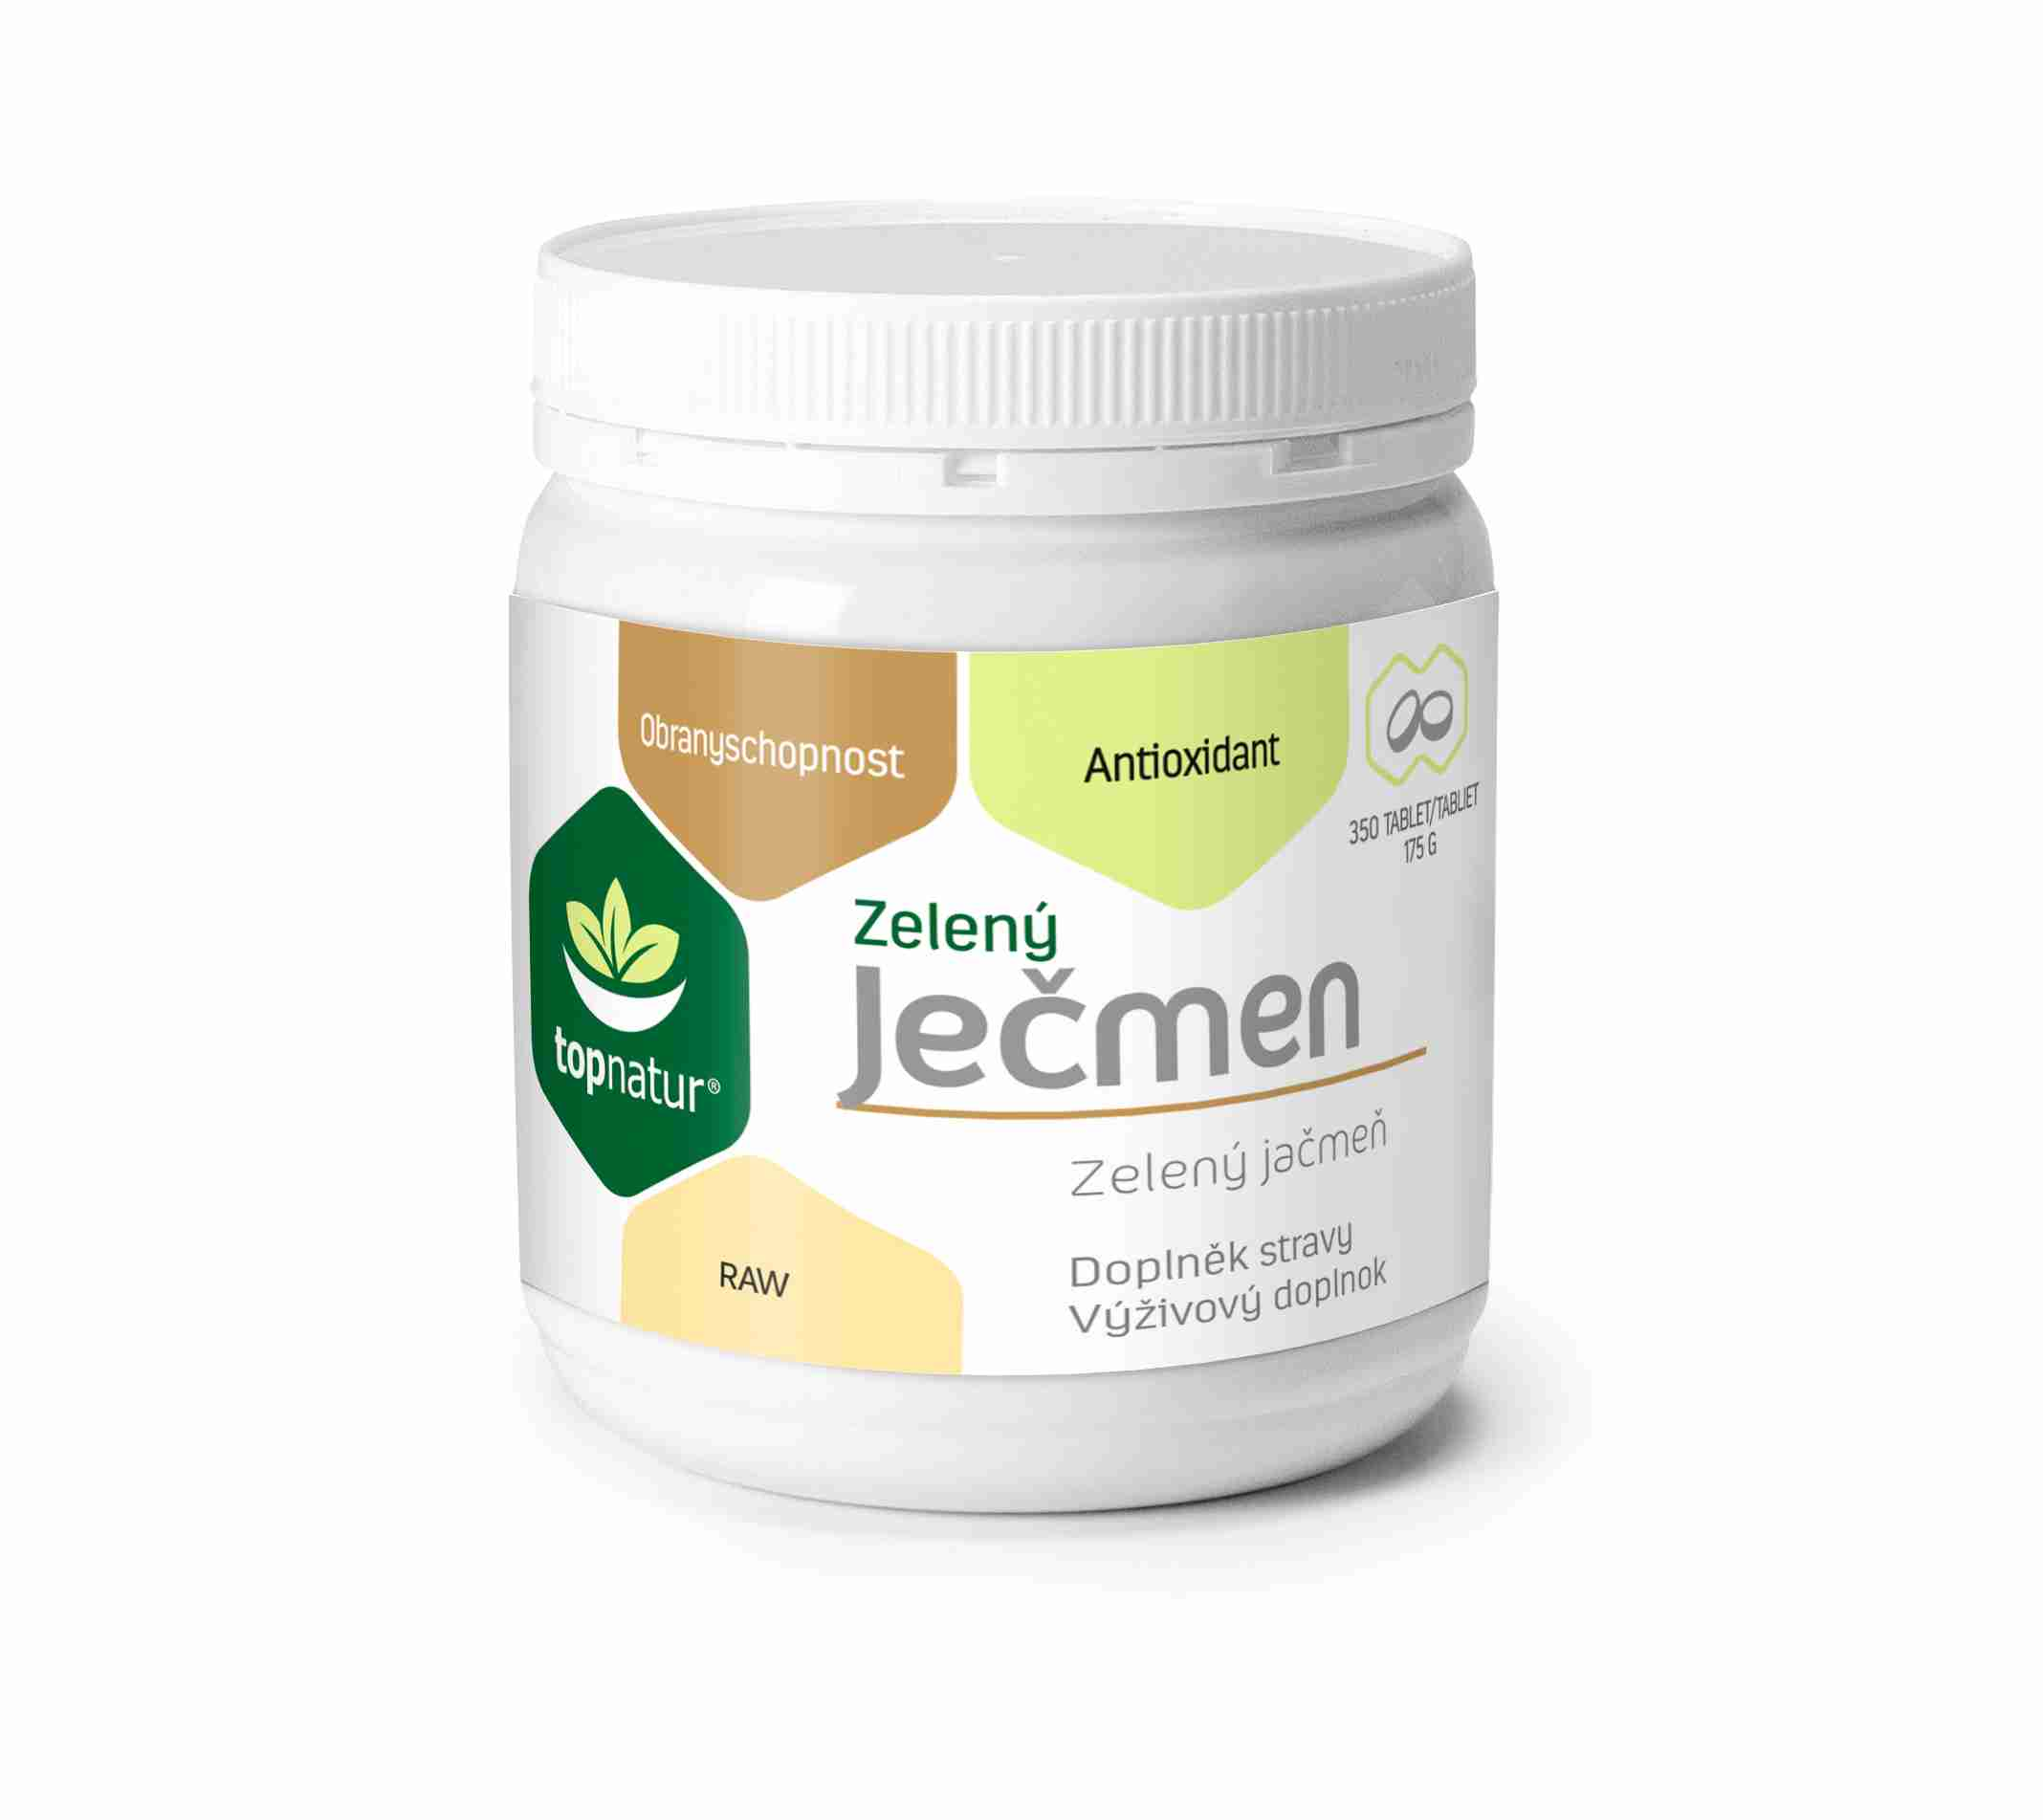 Topnatur Mladý zelený ječmen tablety Medicol 350 ks